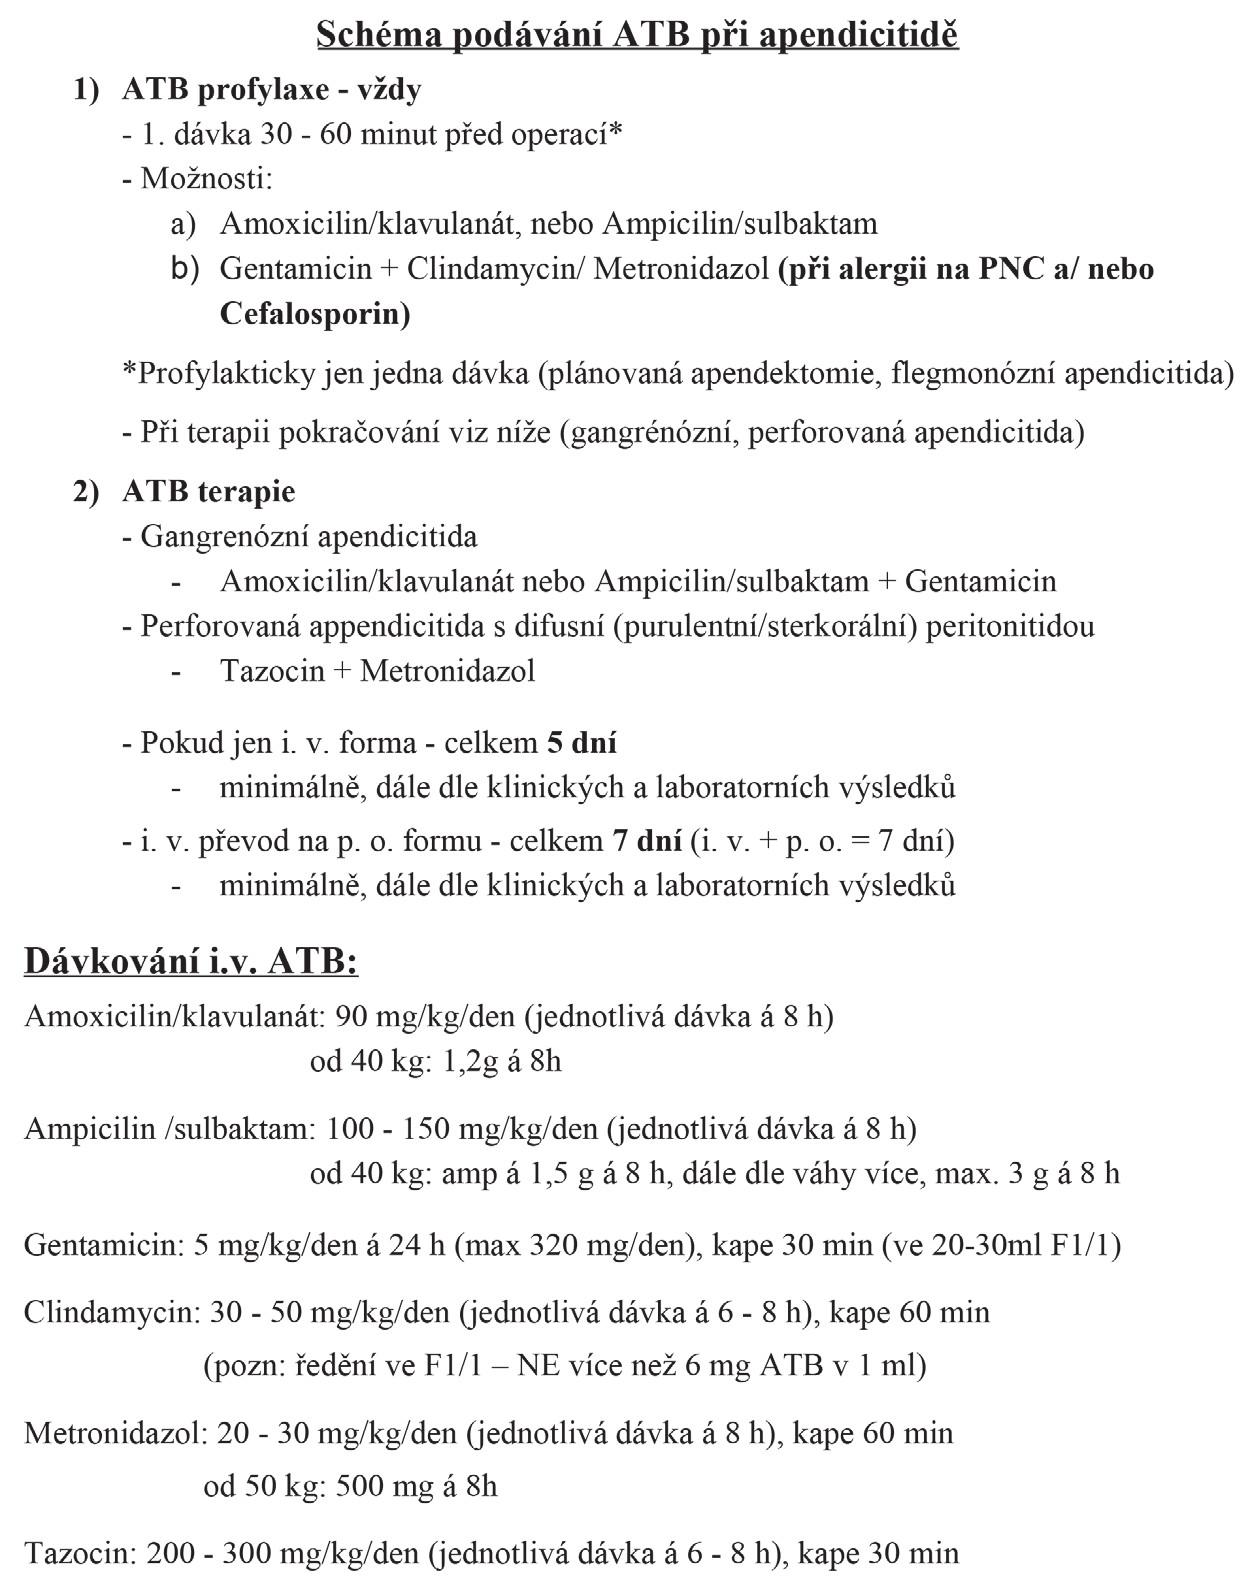 Schéma ATB profylaxe a terapie při apendicitidě na Klinice dětské chirurgie FN Motol